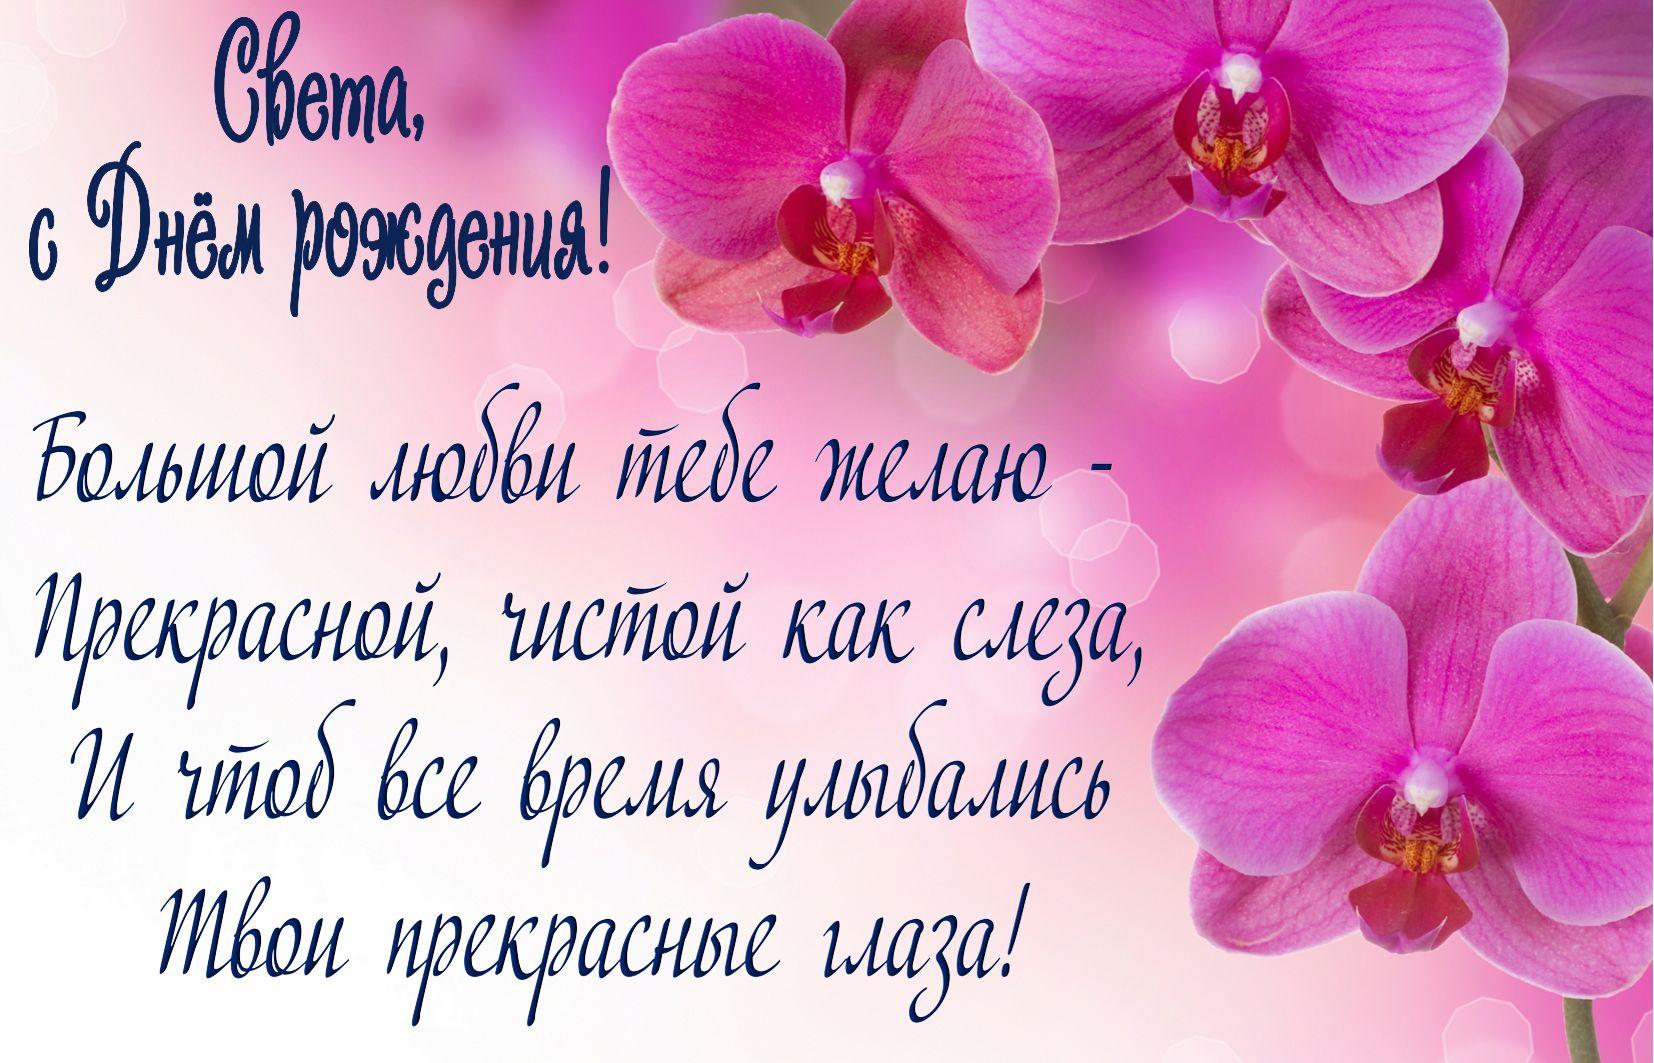 Розовые цветы и пожелание для Светы